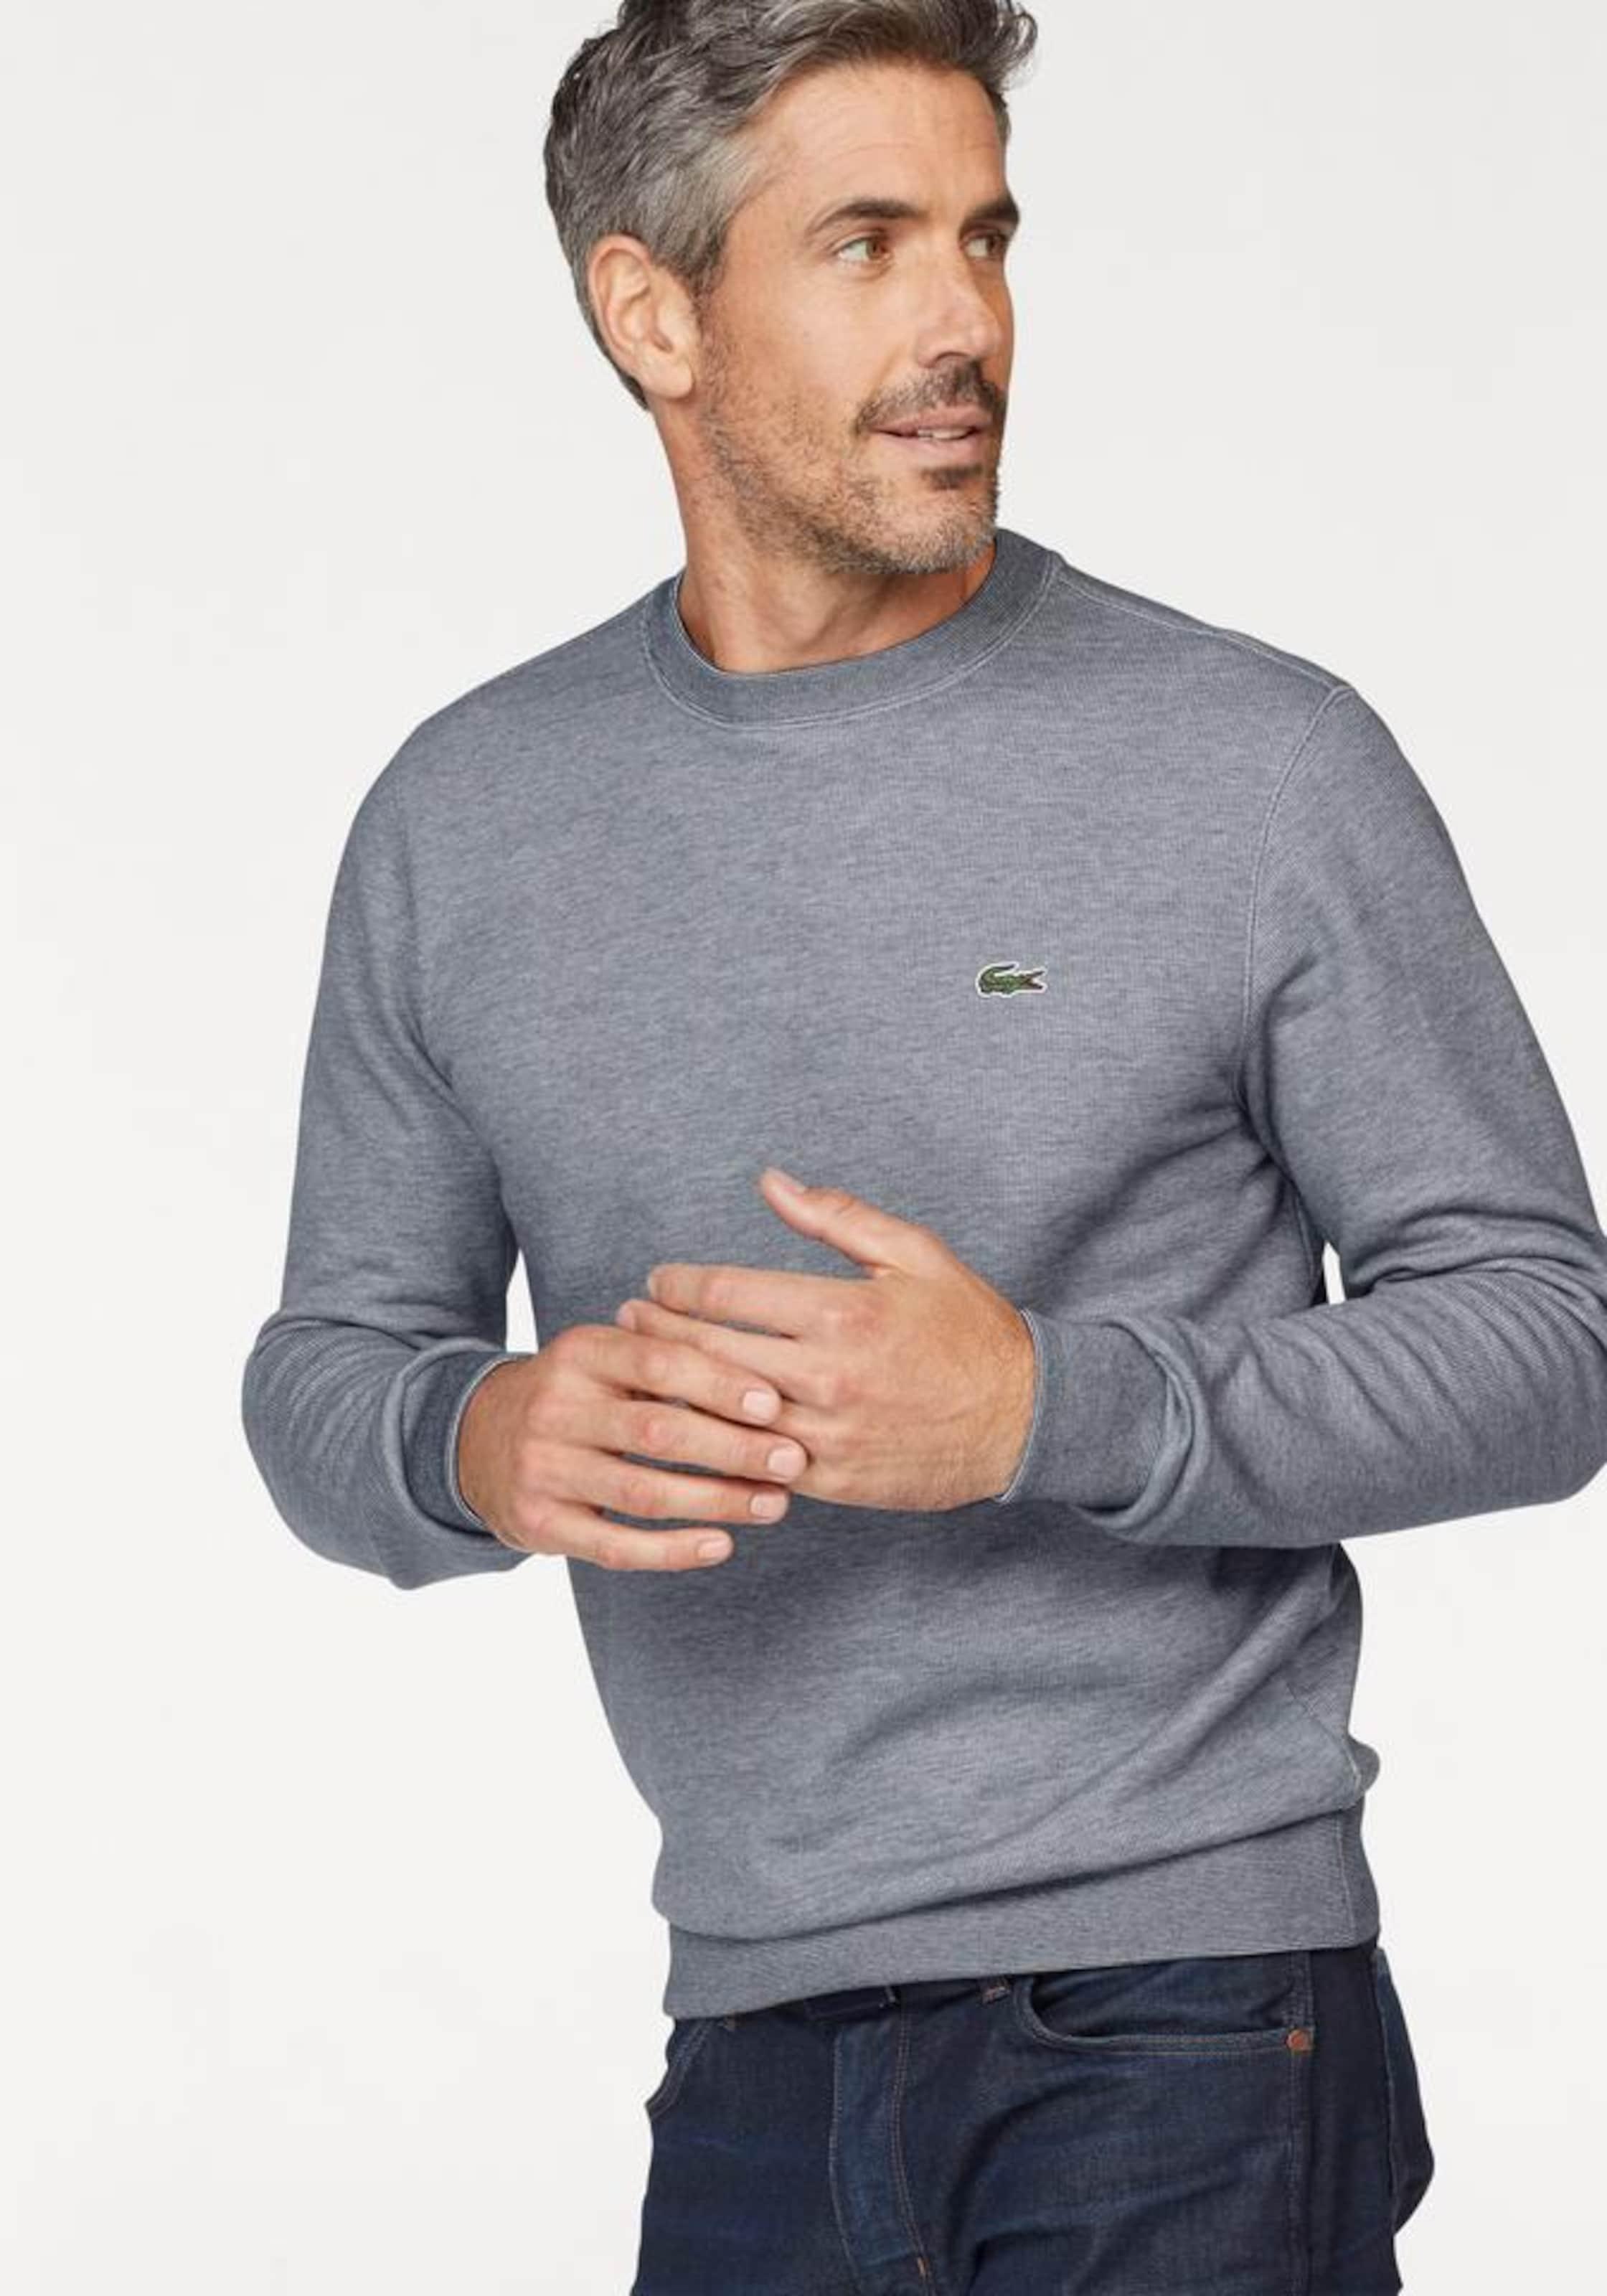 LACOSTE Sweatshirt 'SH3296' Zum Verkauf Günstigen Preis Aus Deutschland Am Billigsten Abstand Rabatt KM1P1NAdO